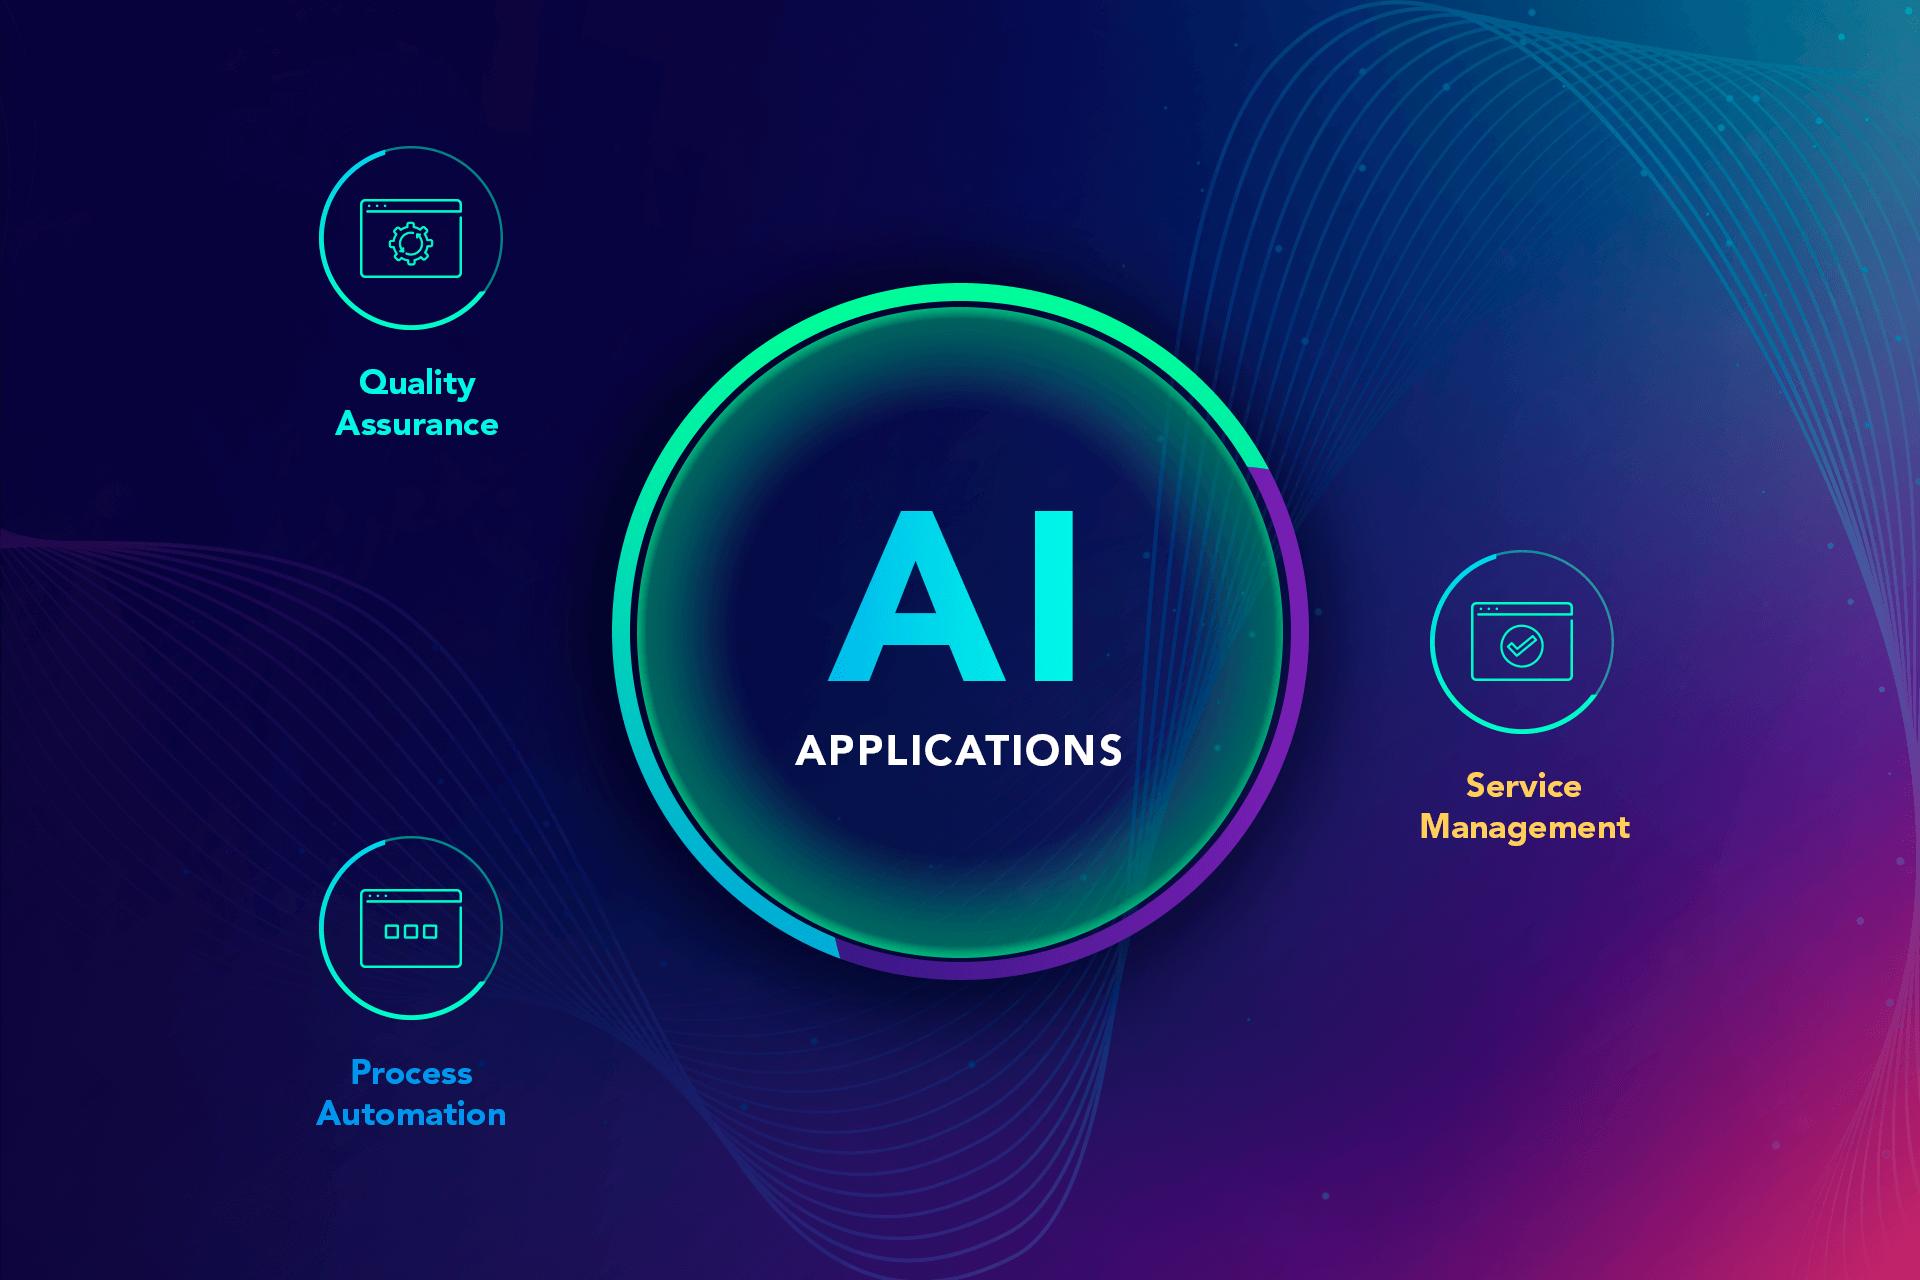 AI-driven applications